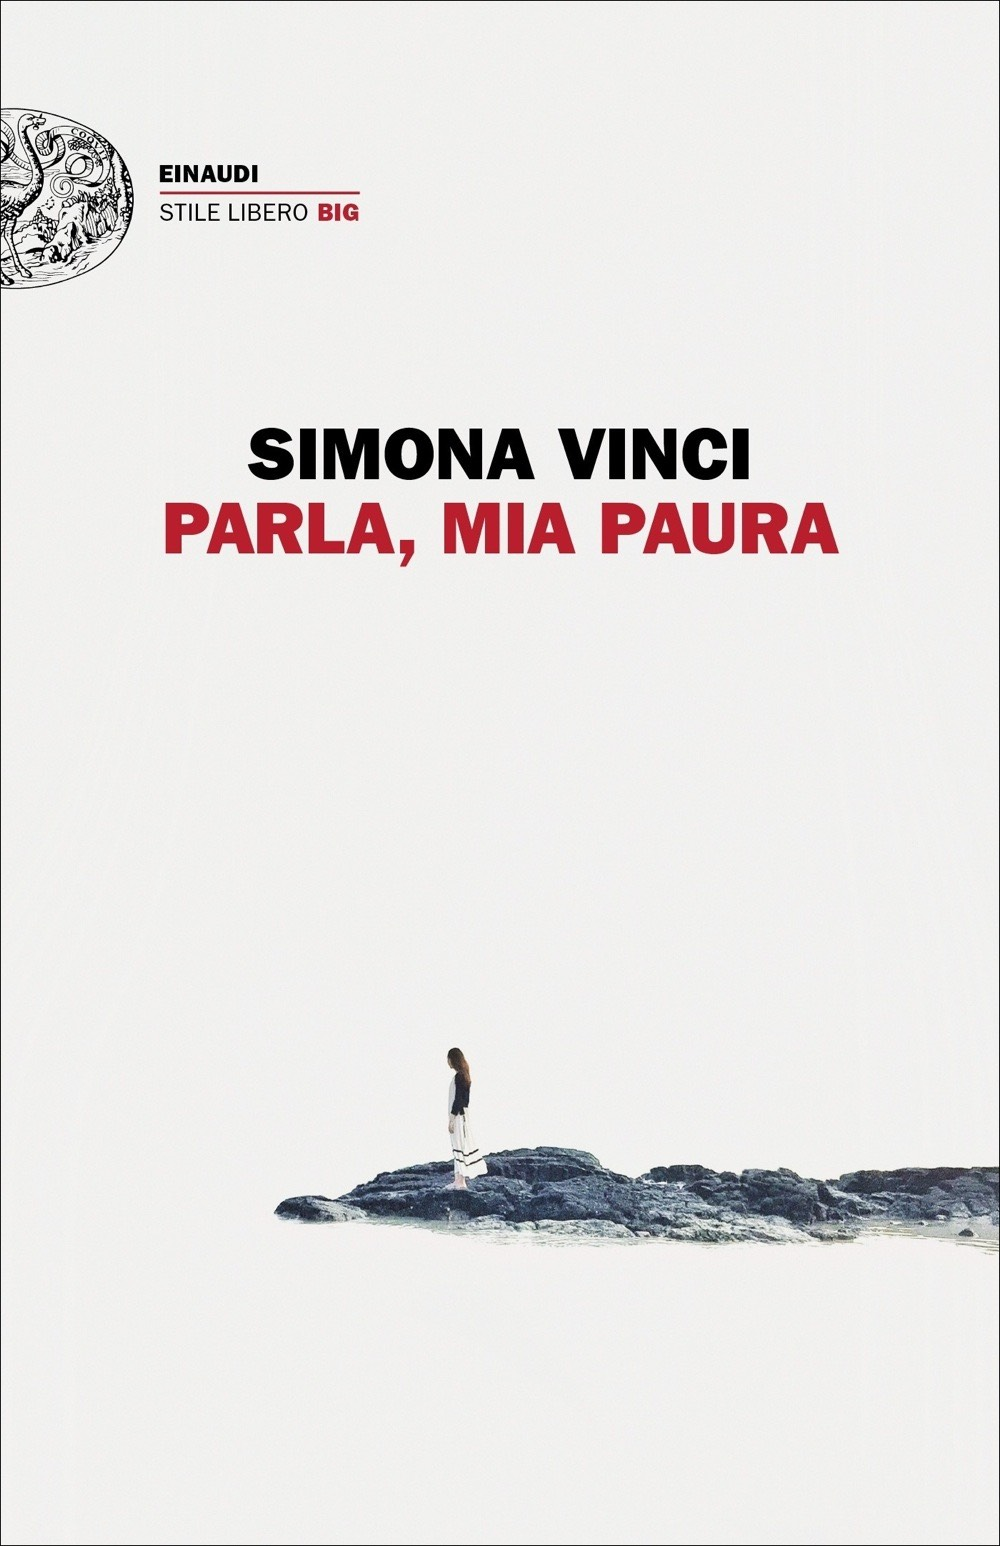 Simona Vinci_Parla, mia paura